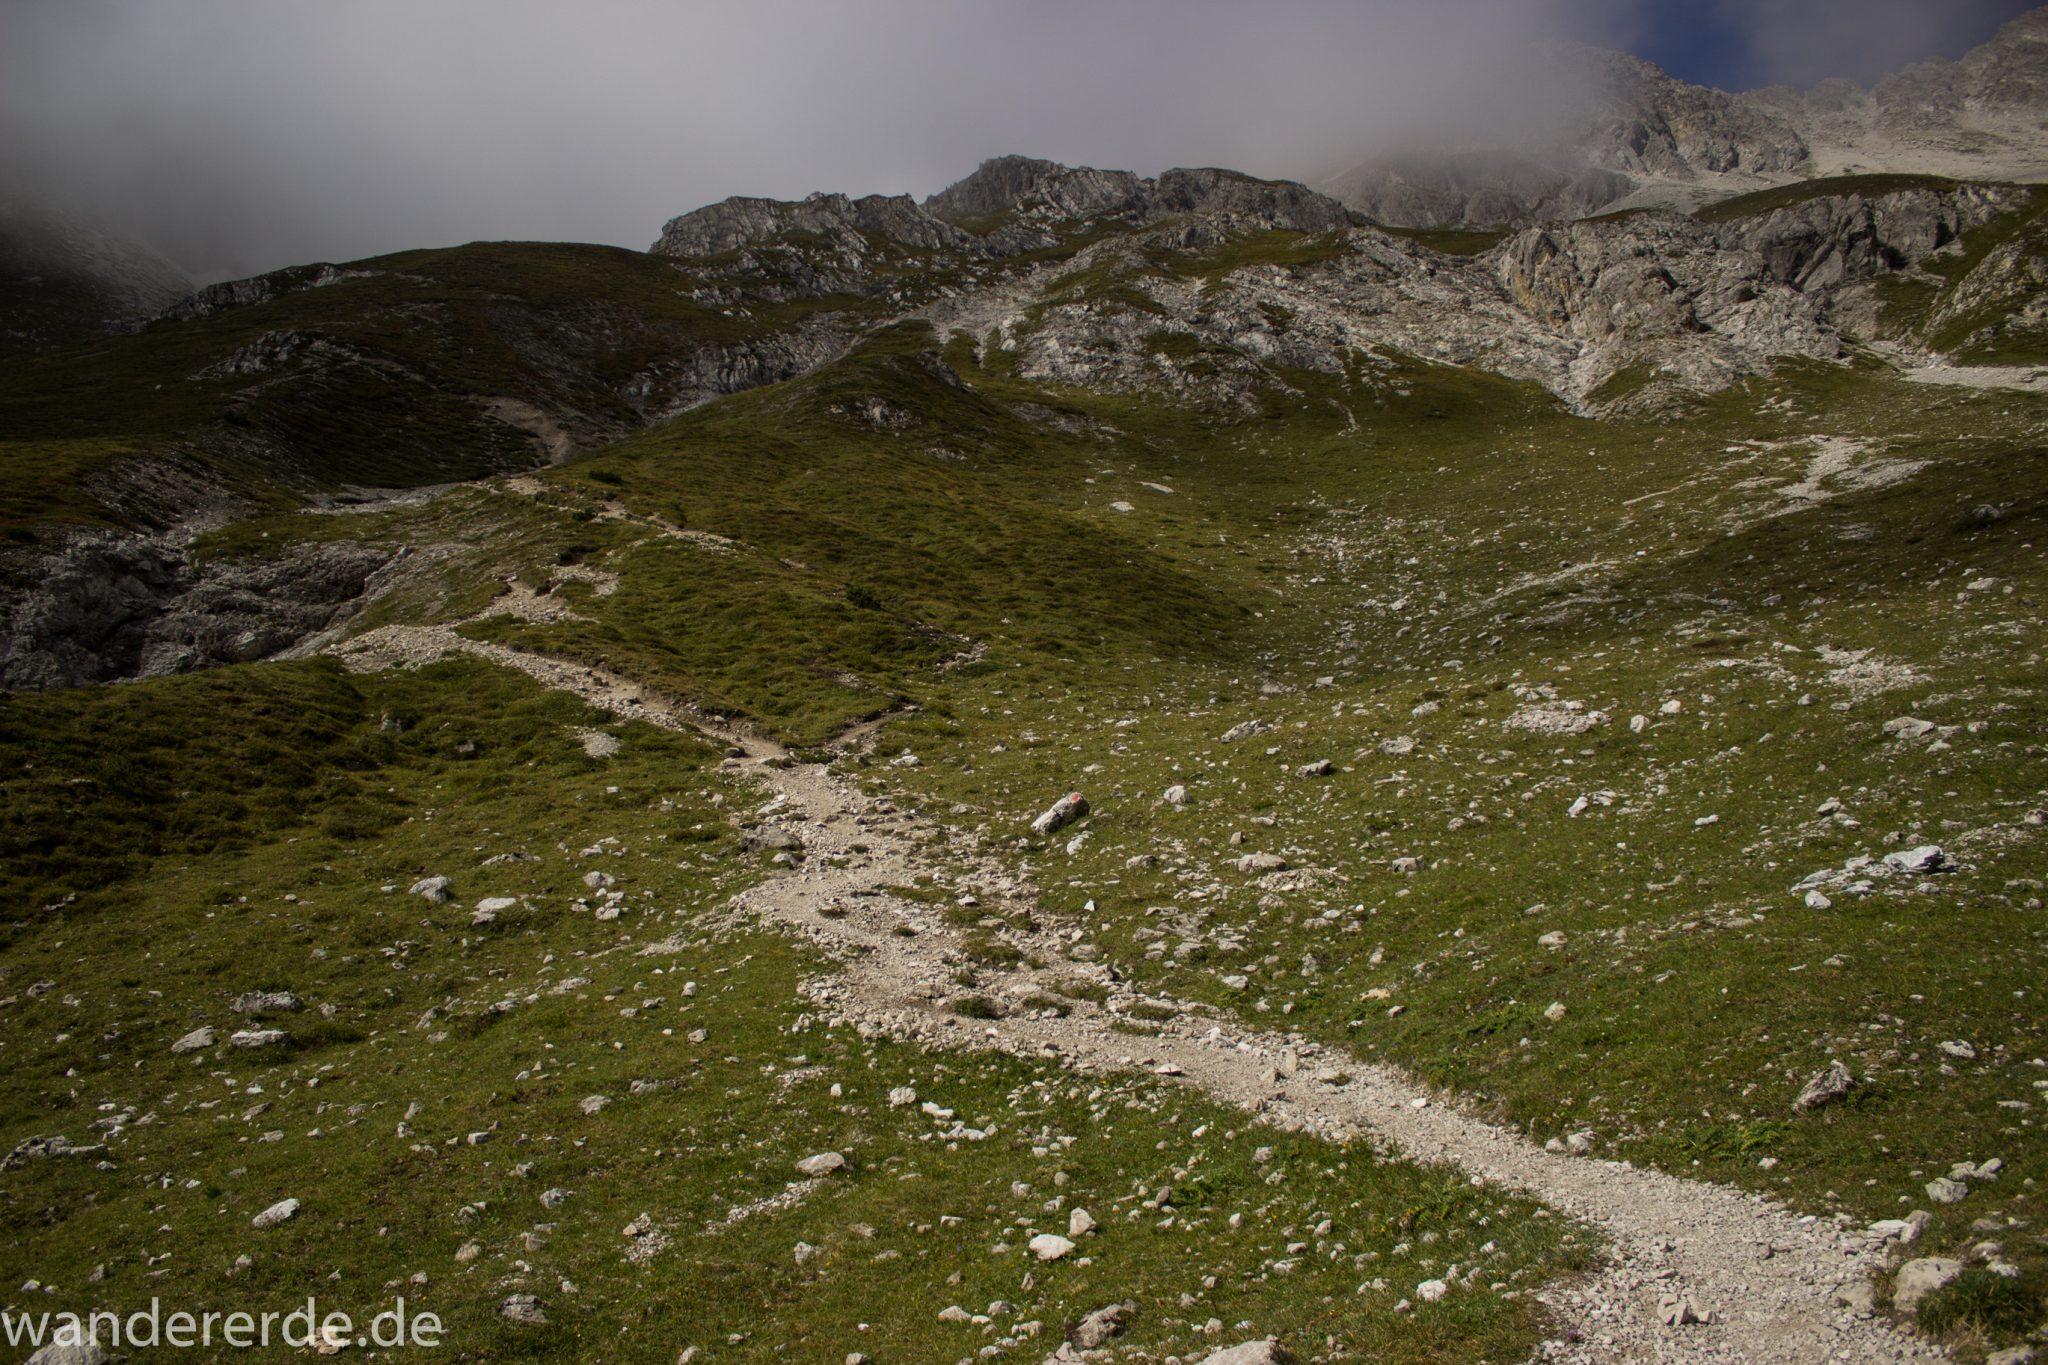 Alpenüberquerung Fernwanderweg E5 Oberstdorf Meran, 3. Etappe von Memminger Hütte zur Skihütte Zams, nach Erreichen der Seescharte folgt ein sehr langer Abstieg ins Lochbachtal Richtung Zams, Aussicht auf Berge und Bergwiesen, Berge und Umgebung liegen teils im Nebel verborgen, Blick auf schmalen Wanderpfad mit viel Geröll